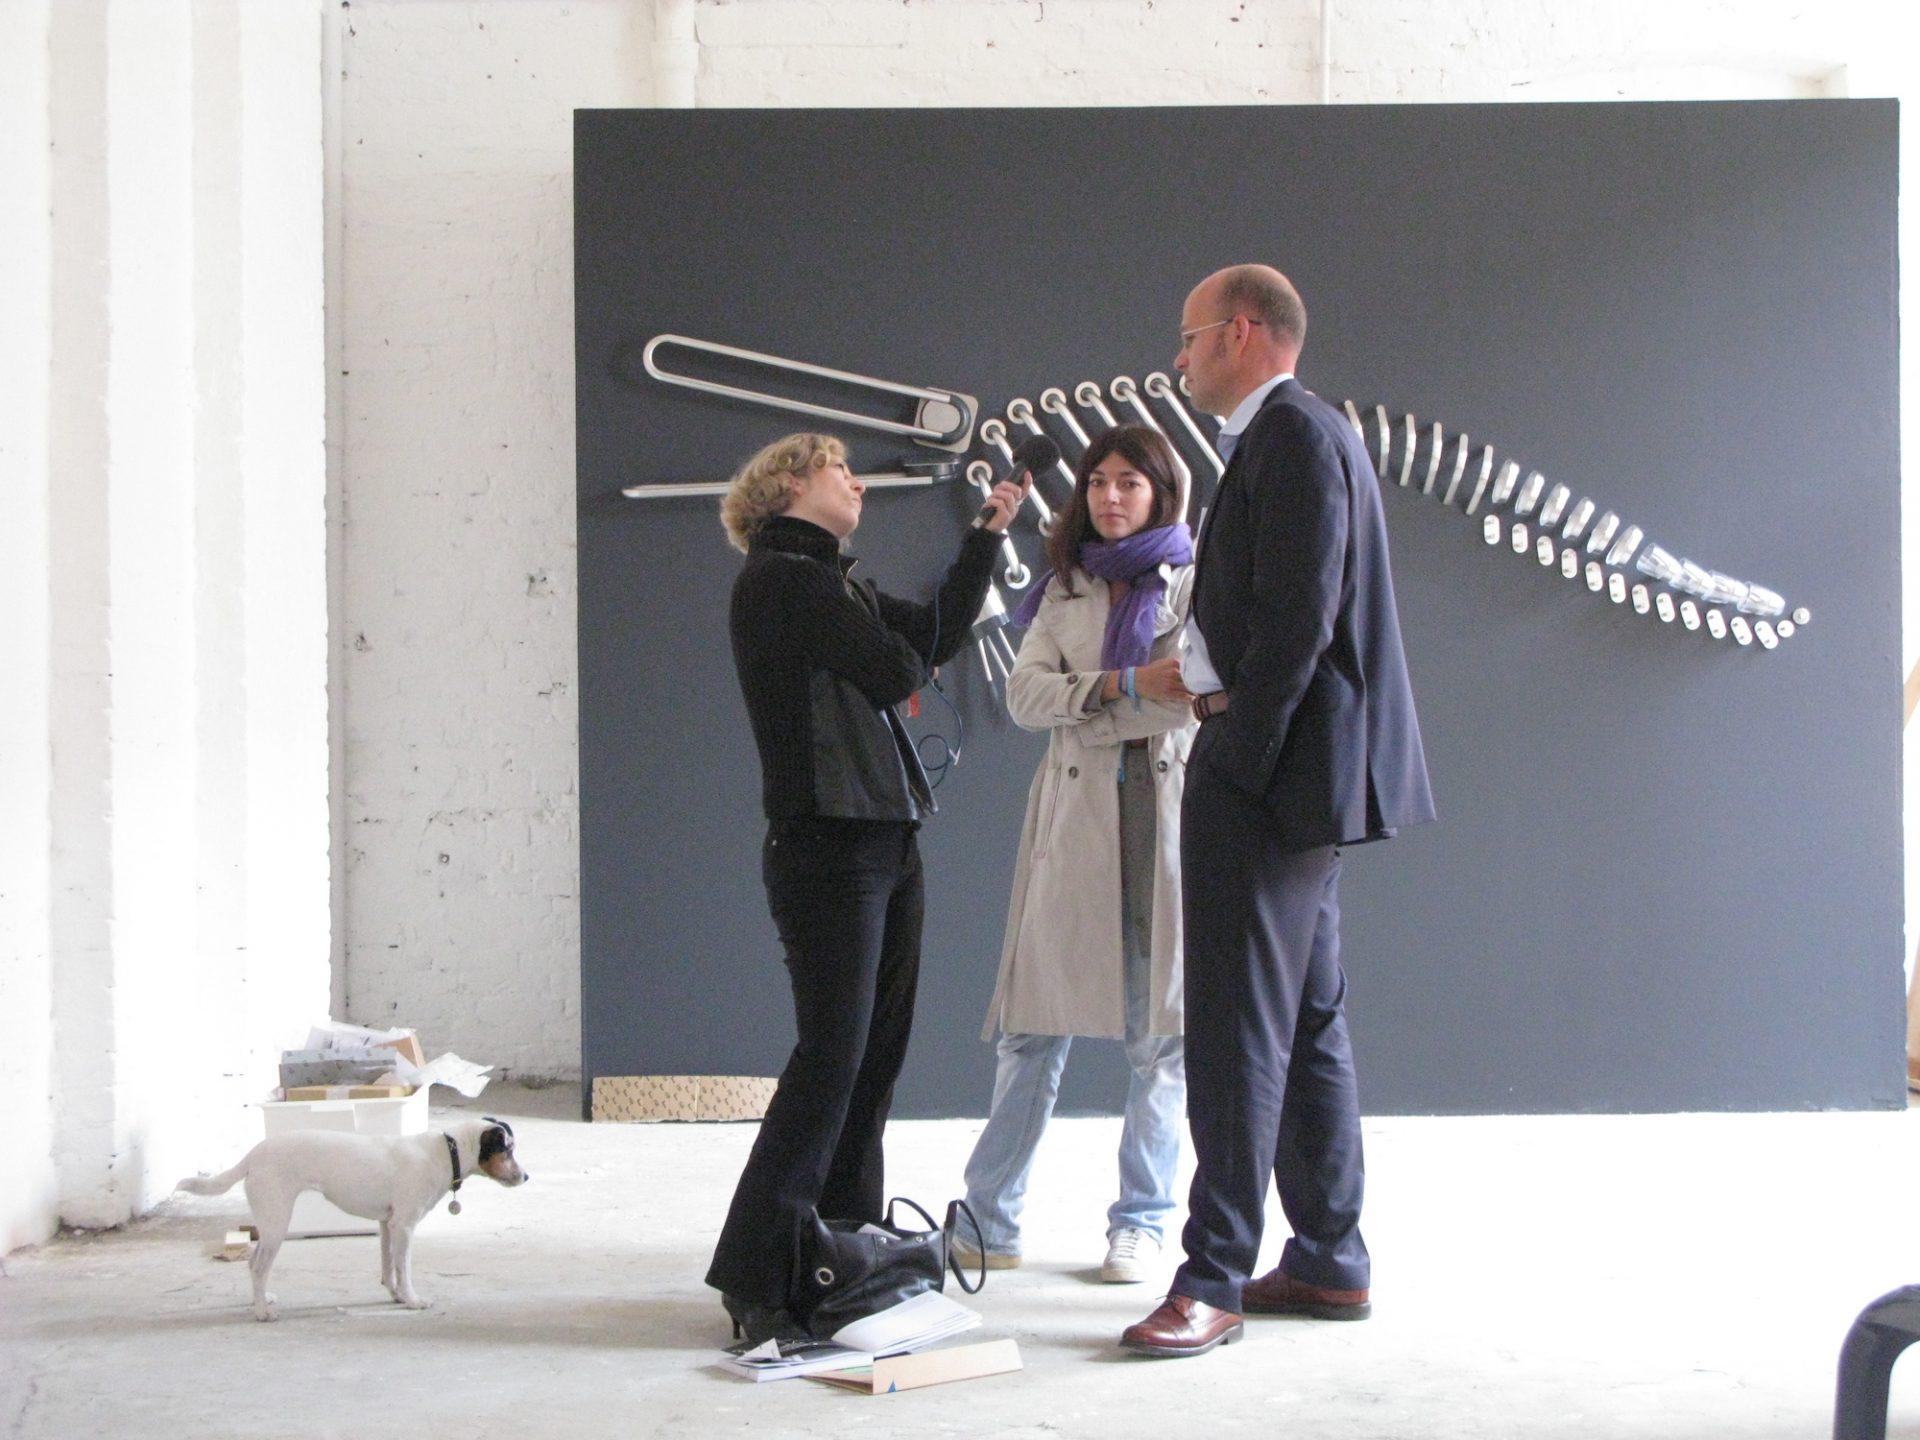 Sarah Illenberger, zuständig für die Gestaltung der einzelnen Motive, und Matthias Fuchs, Leiter Marketing + Public Relations, beim Interview auf der Messe